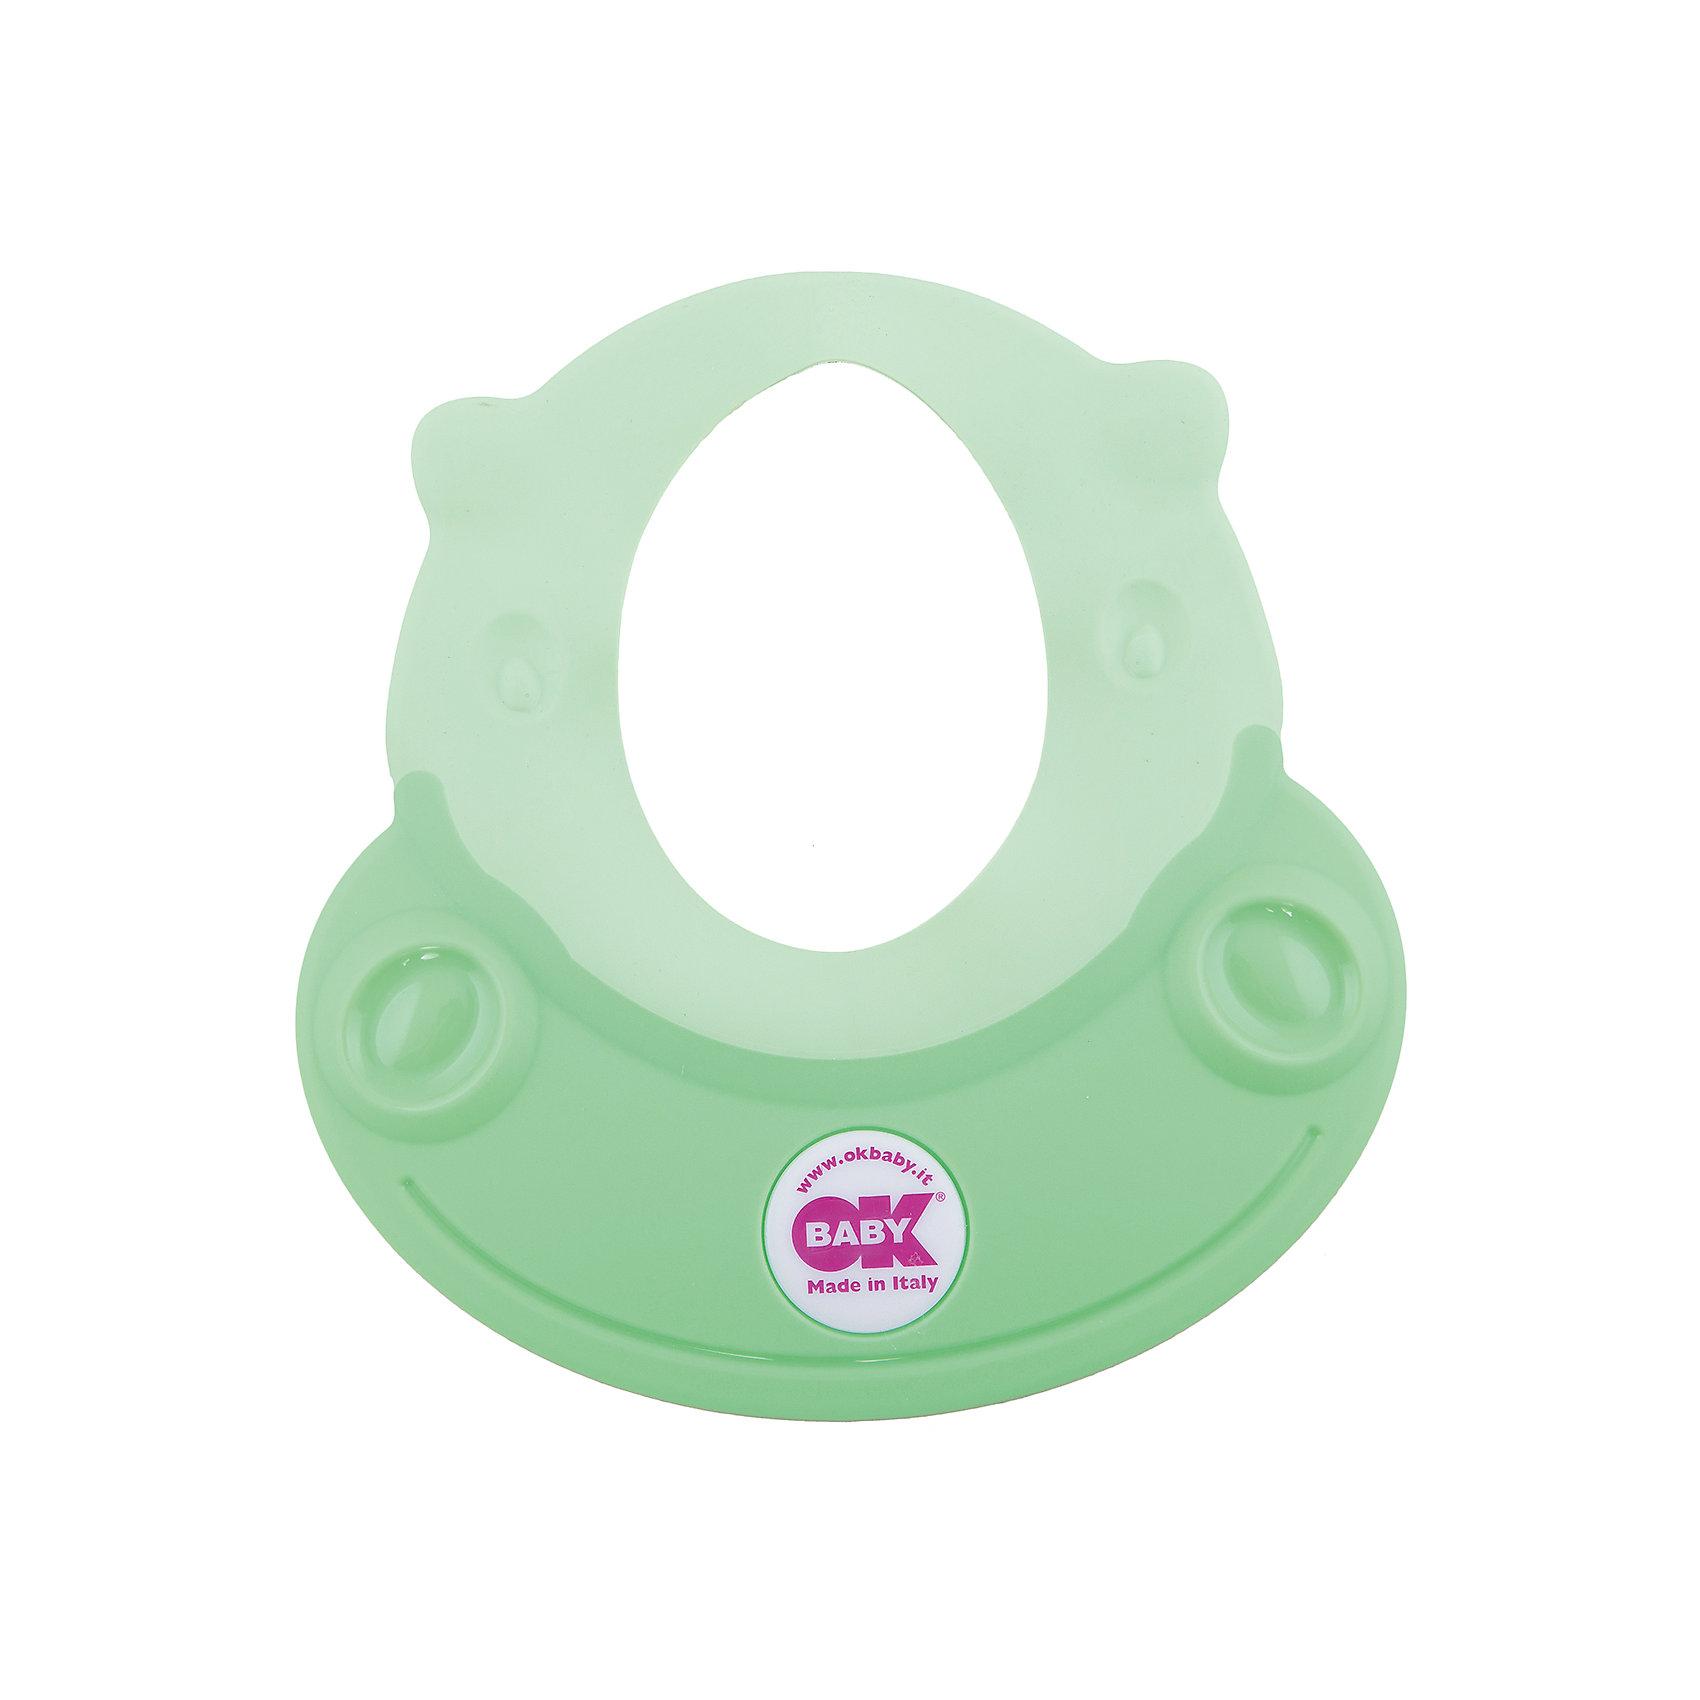 OK Baby Козырек для купания Hippo, Ok Baby, зеленый roxy kids козырек защитный для мытья головы rbc 492 g зеленый от 6 месяцев до 3 лет